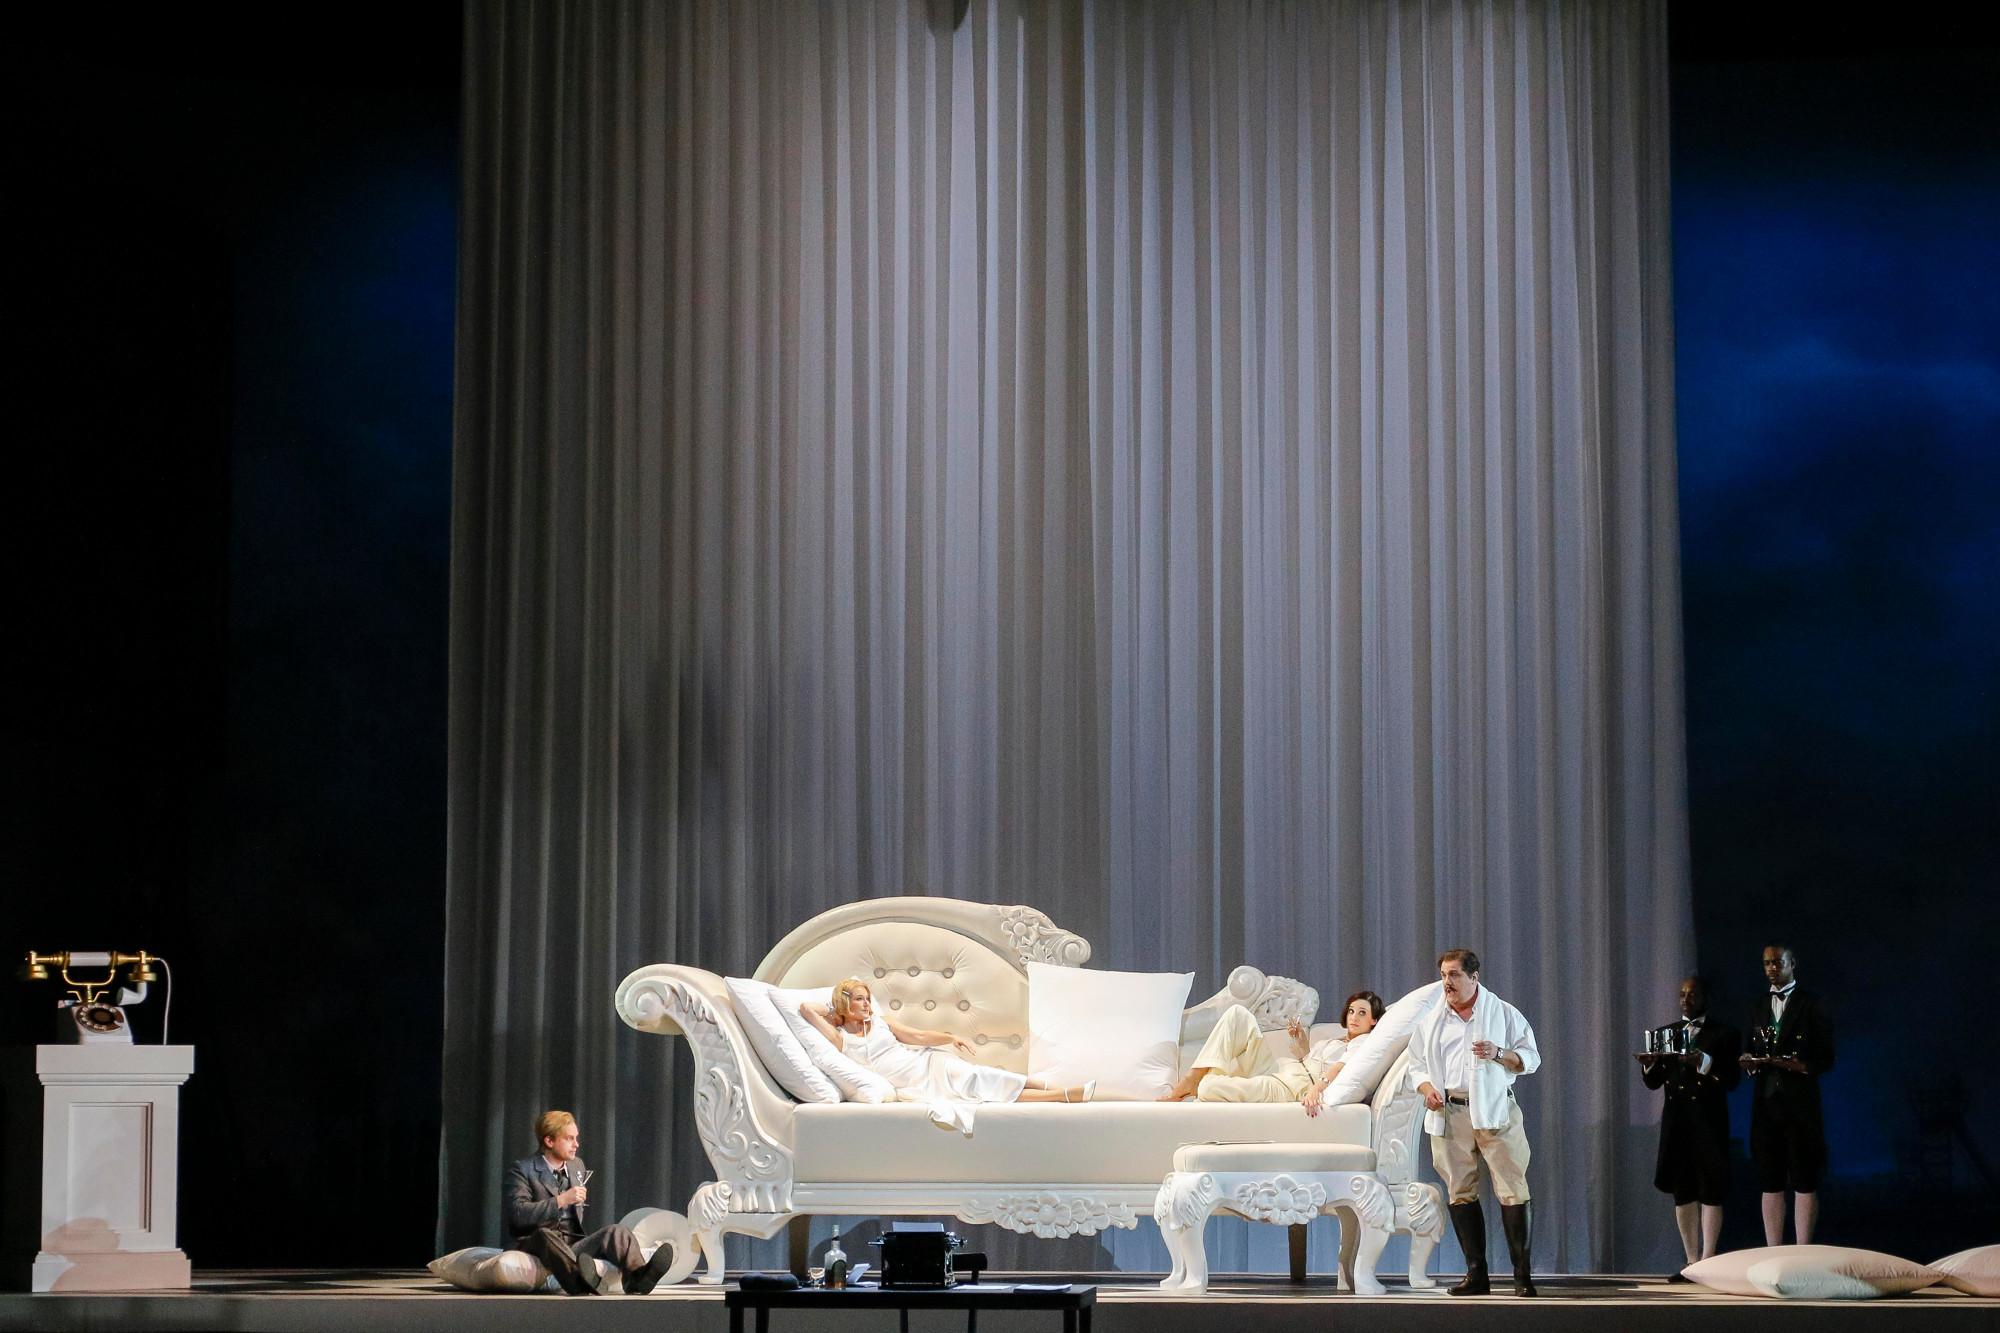 """Während sich Daisy (Maria Bengtsson) und Jordan (Christina Bock) auf der zu groß geratenen Couch räkeln, müssen die Herren Nick (John Chest) und Tom (Raymond Very) es sich daneben gemütlich machen, """"The Great Gatsby"""" von John Harbison an der Semperoper Dresden, Foto: Daniel Koch"""